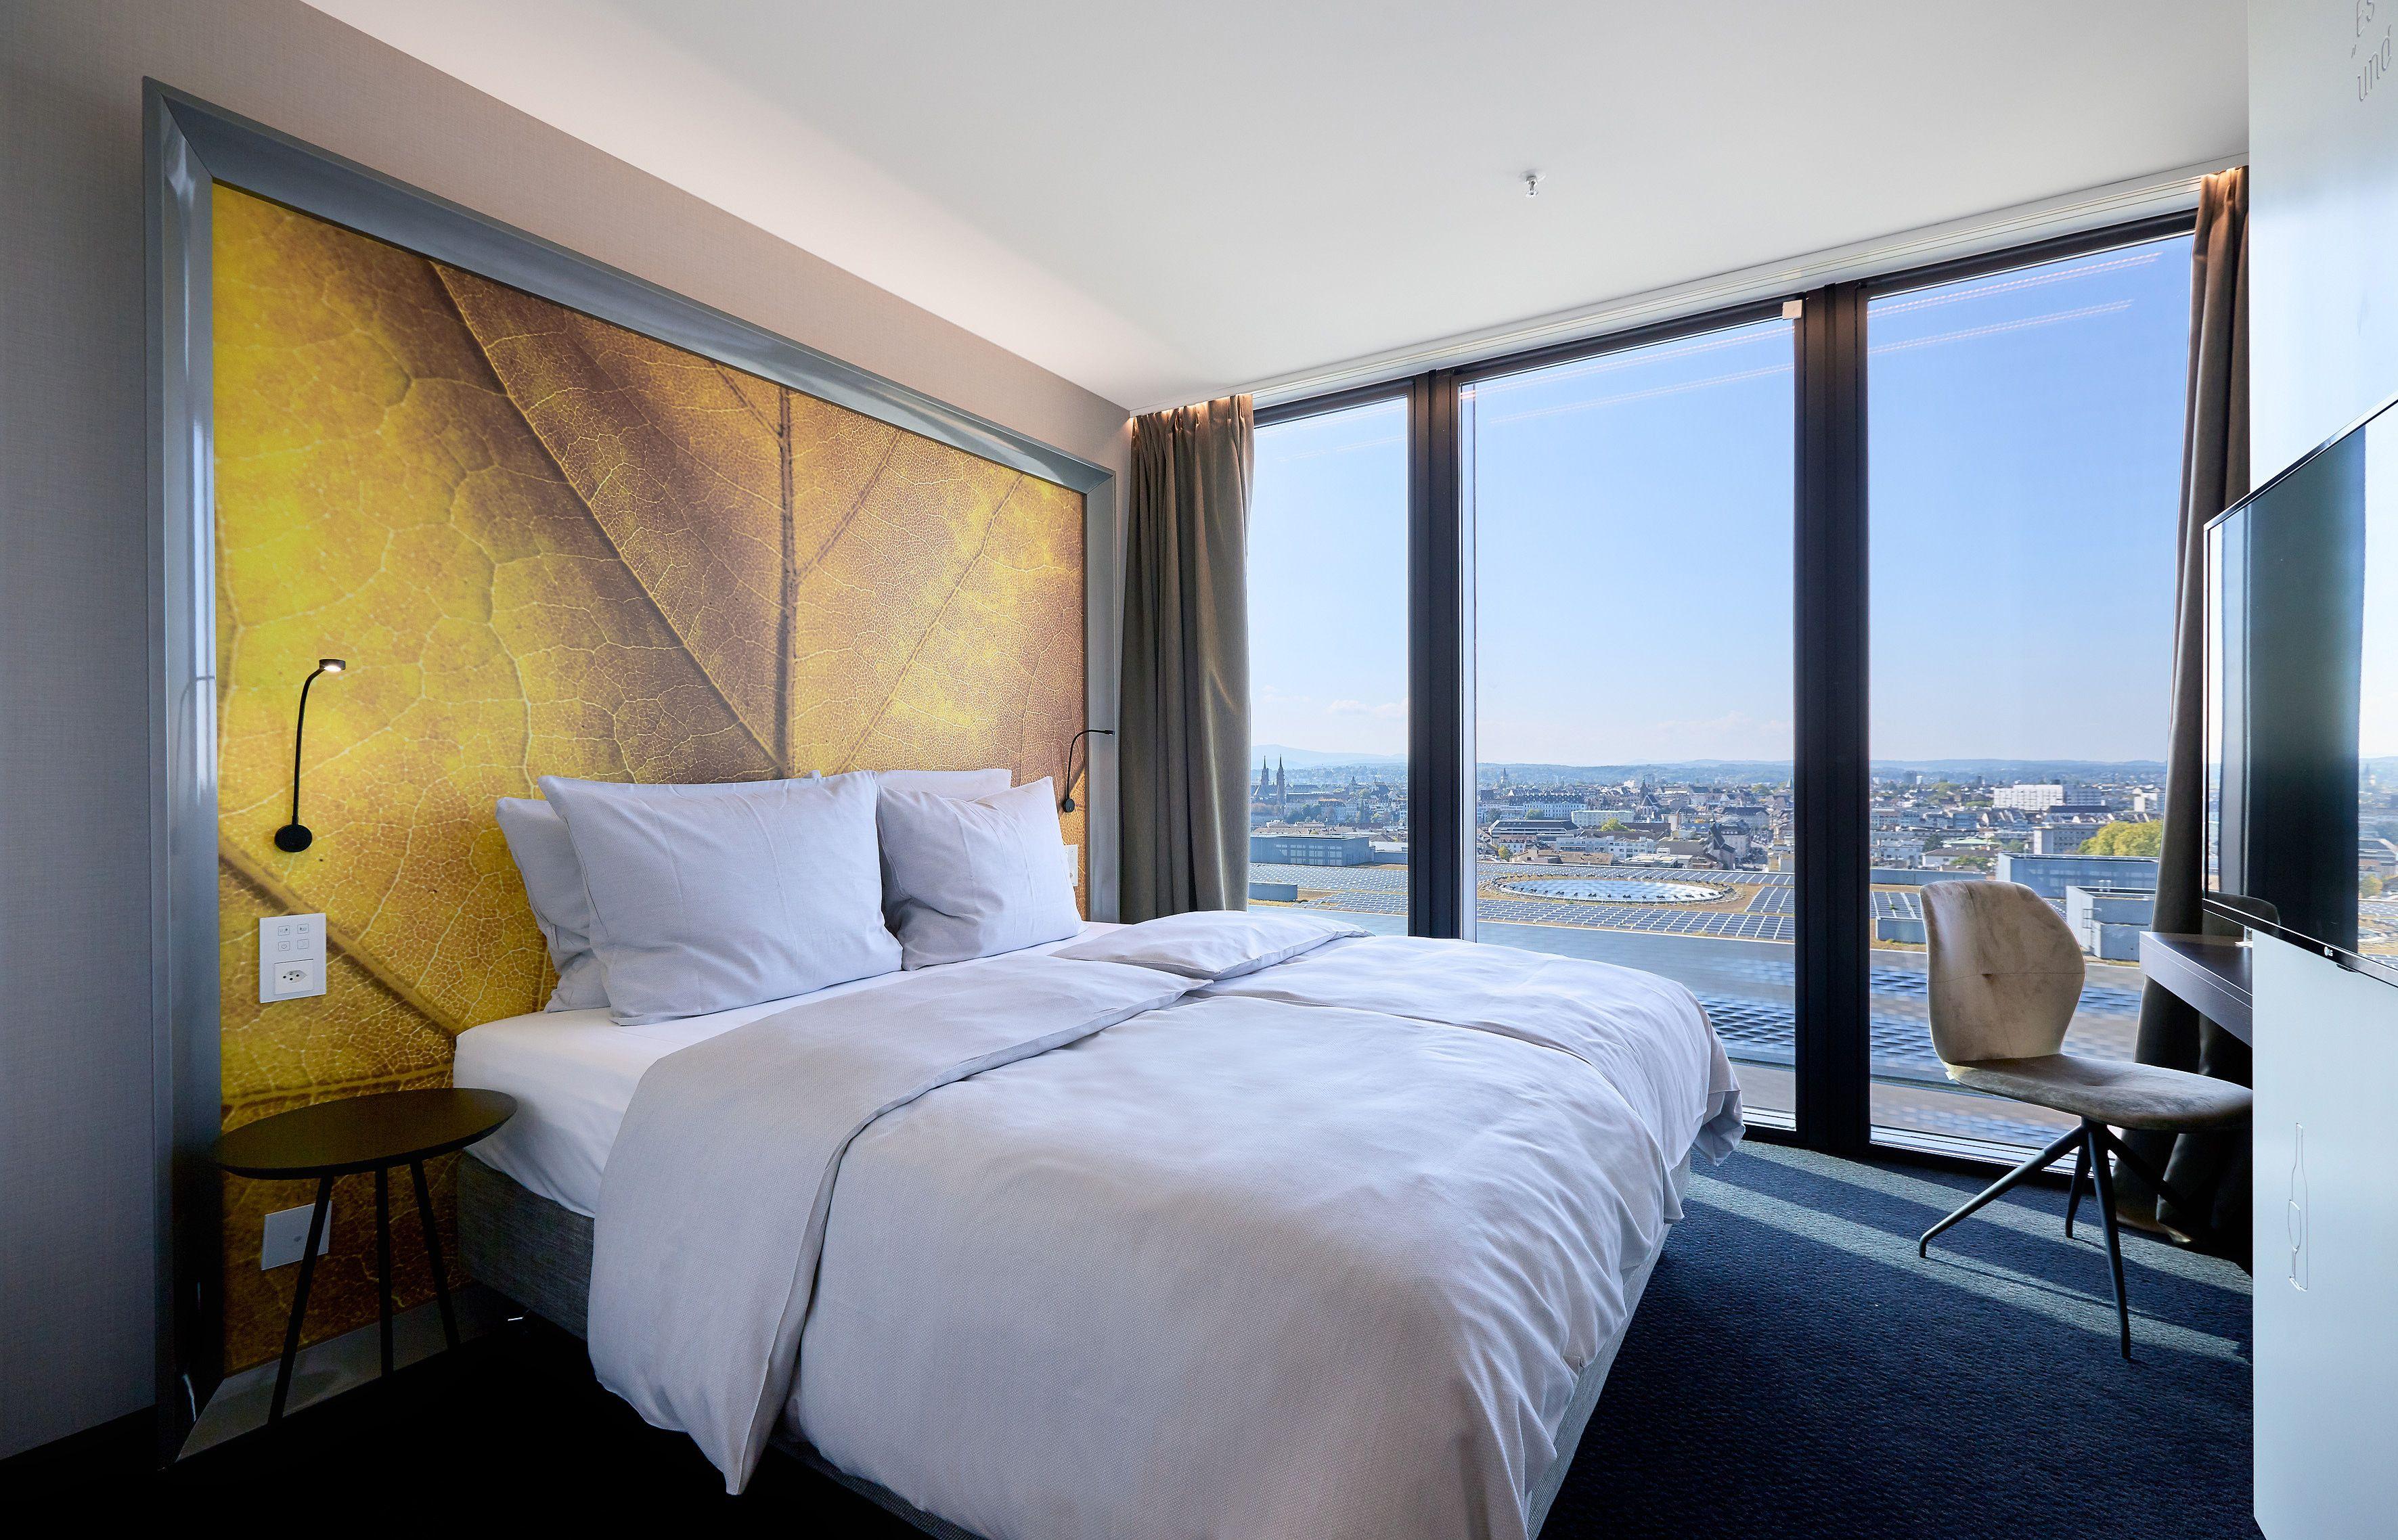 Einblick in das Wohnzimmer in einer der Suiten des Hyperion Hotel ...